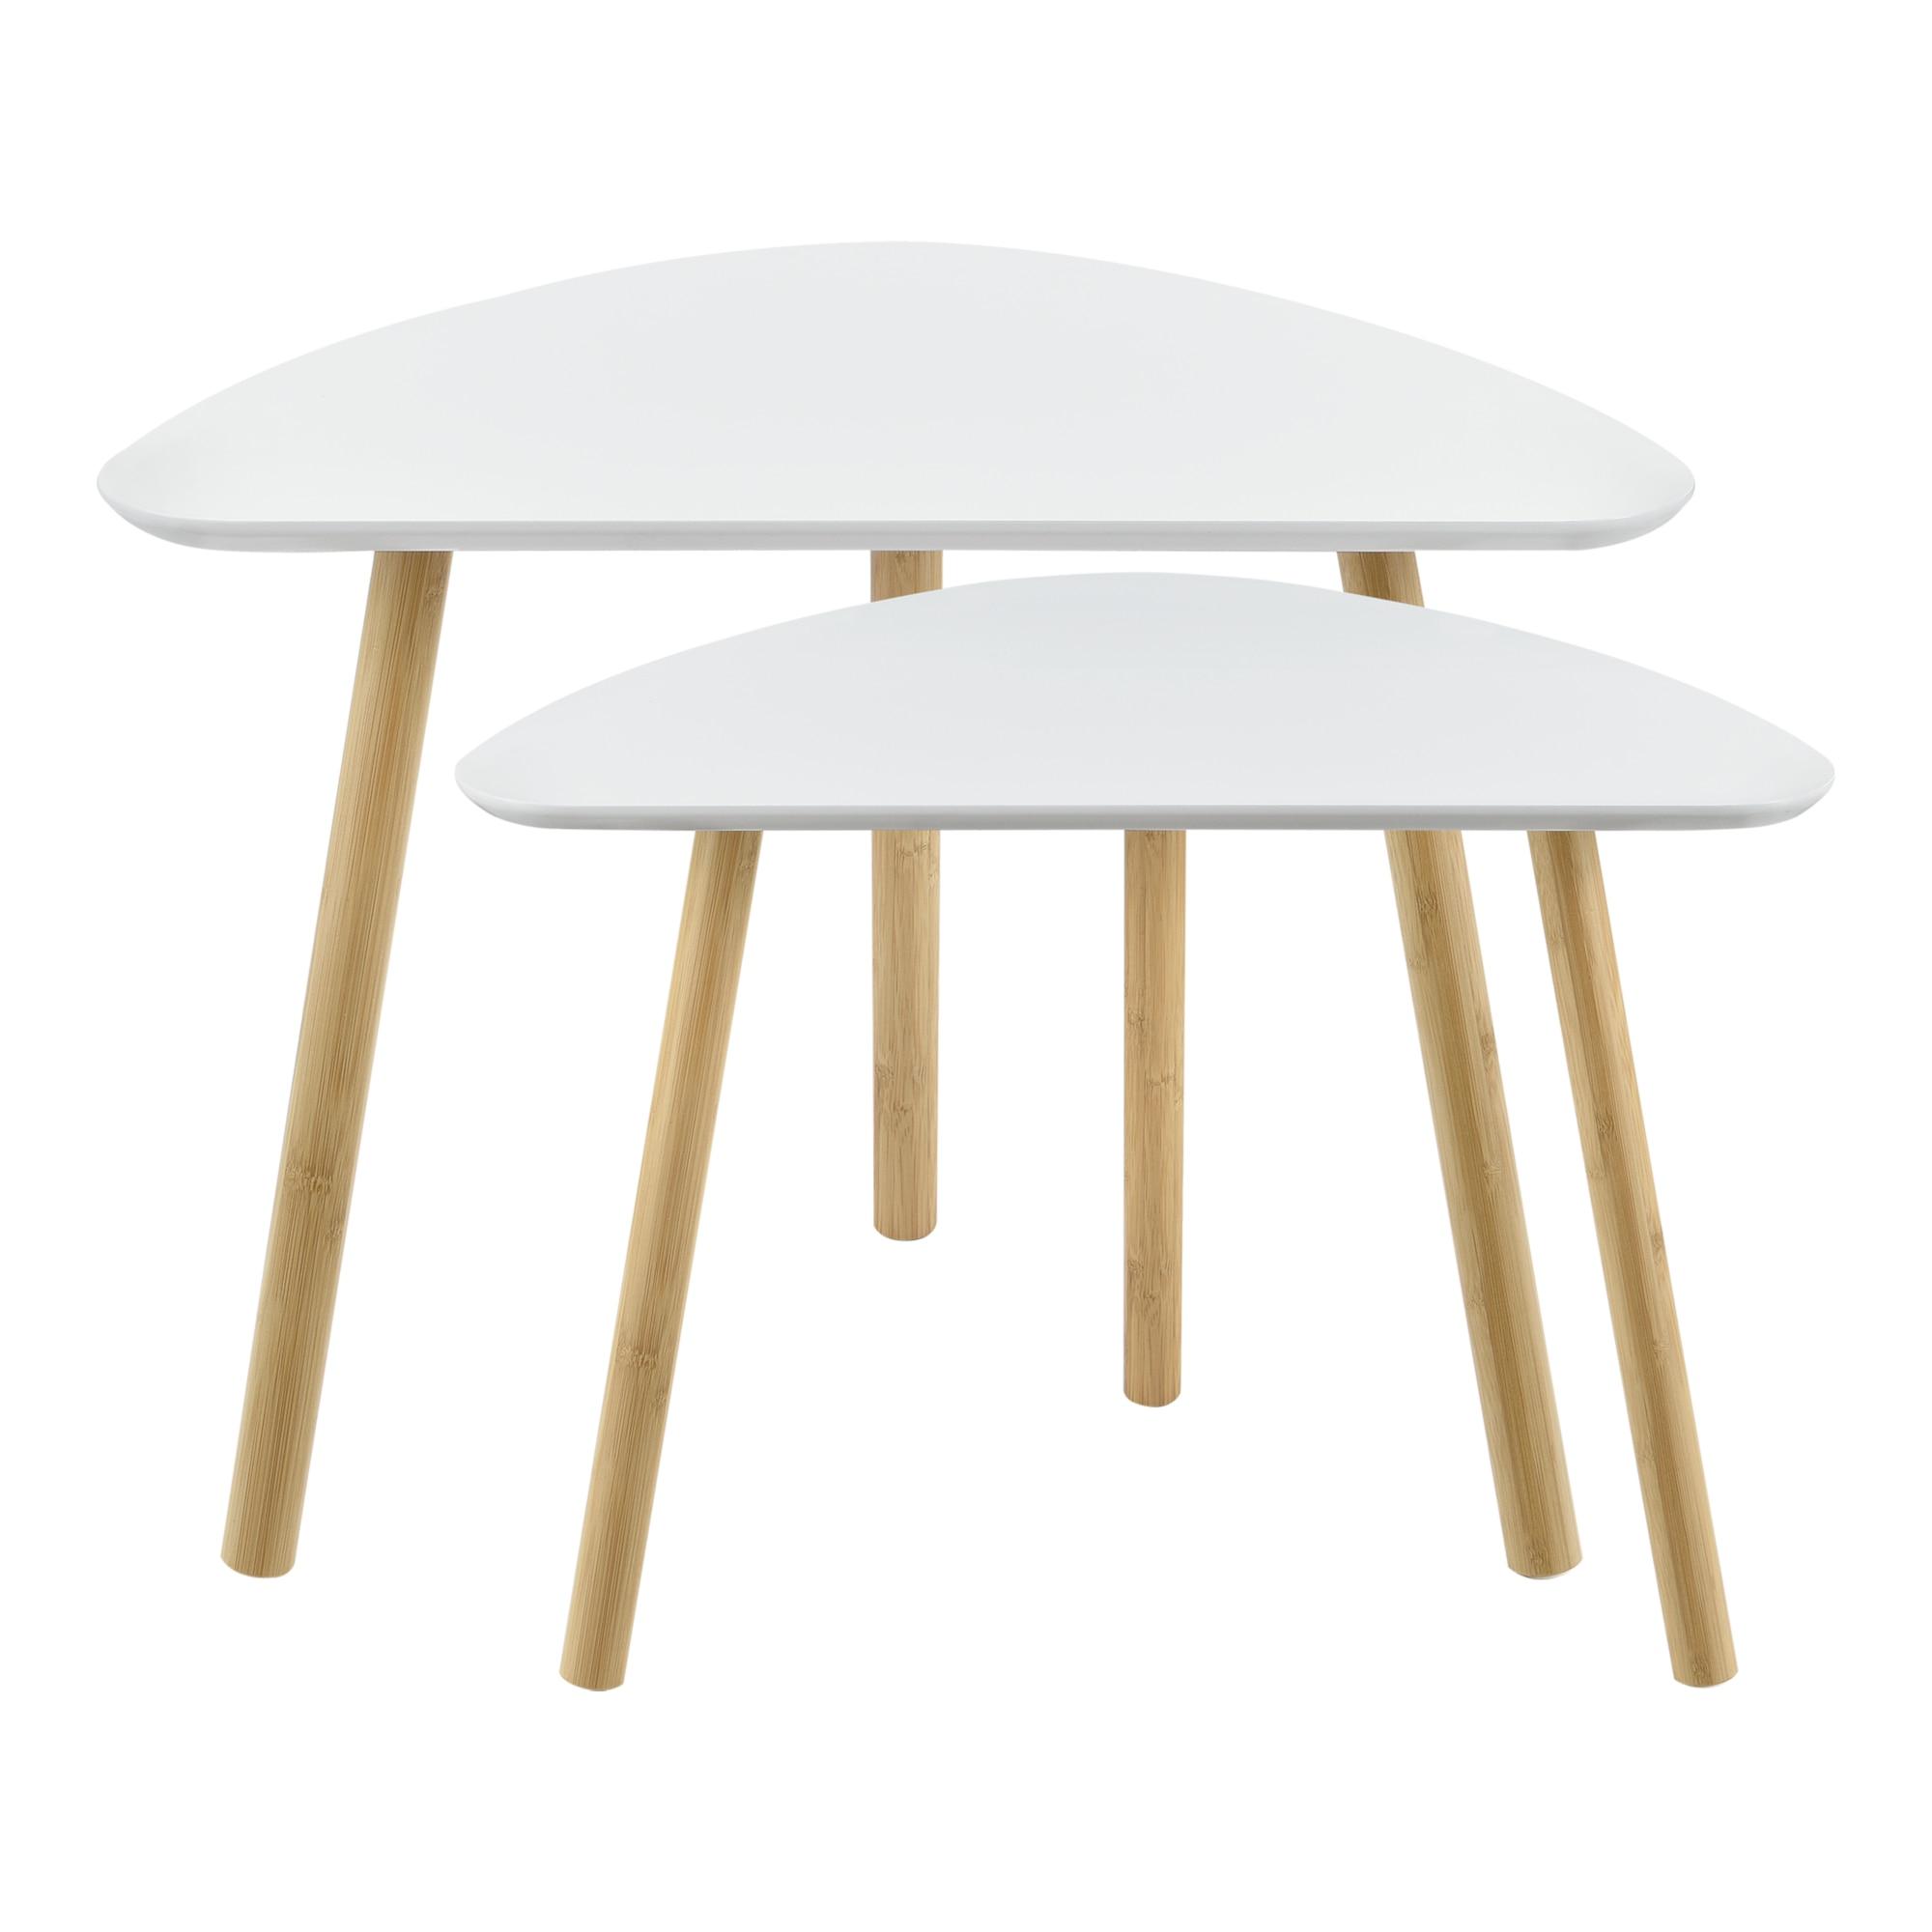 Dohányzóasztal szett Levanger kisasztal 2 db fehér MDF/bambusz [en.casa]® KHyrT8